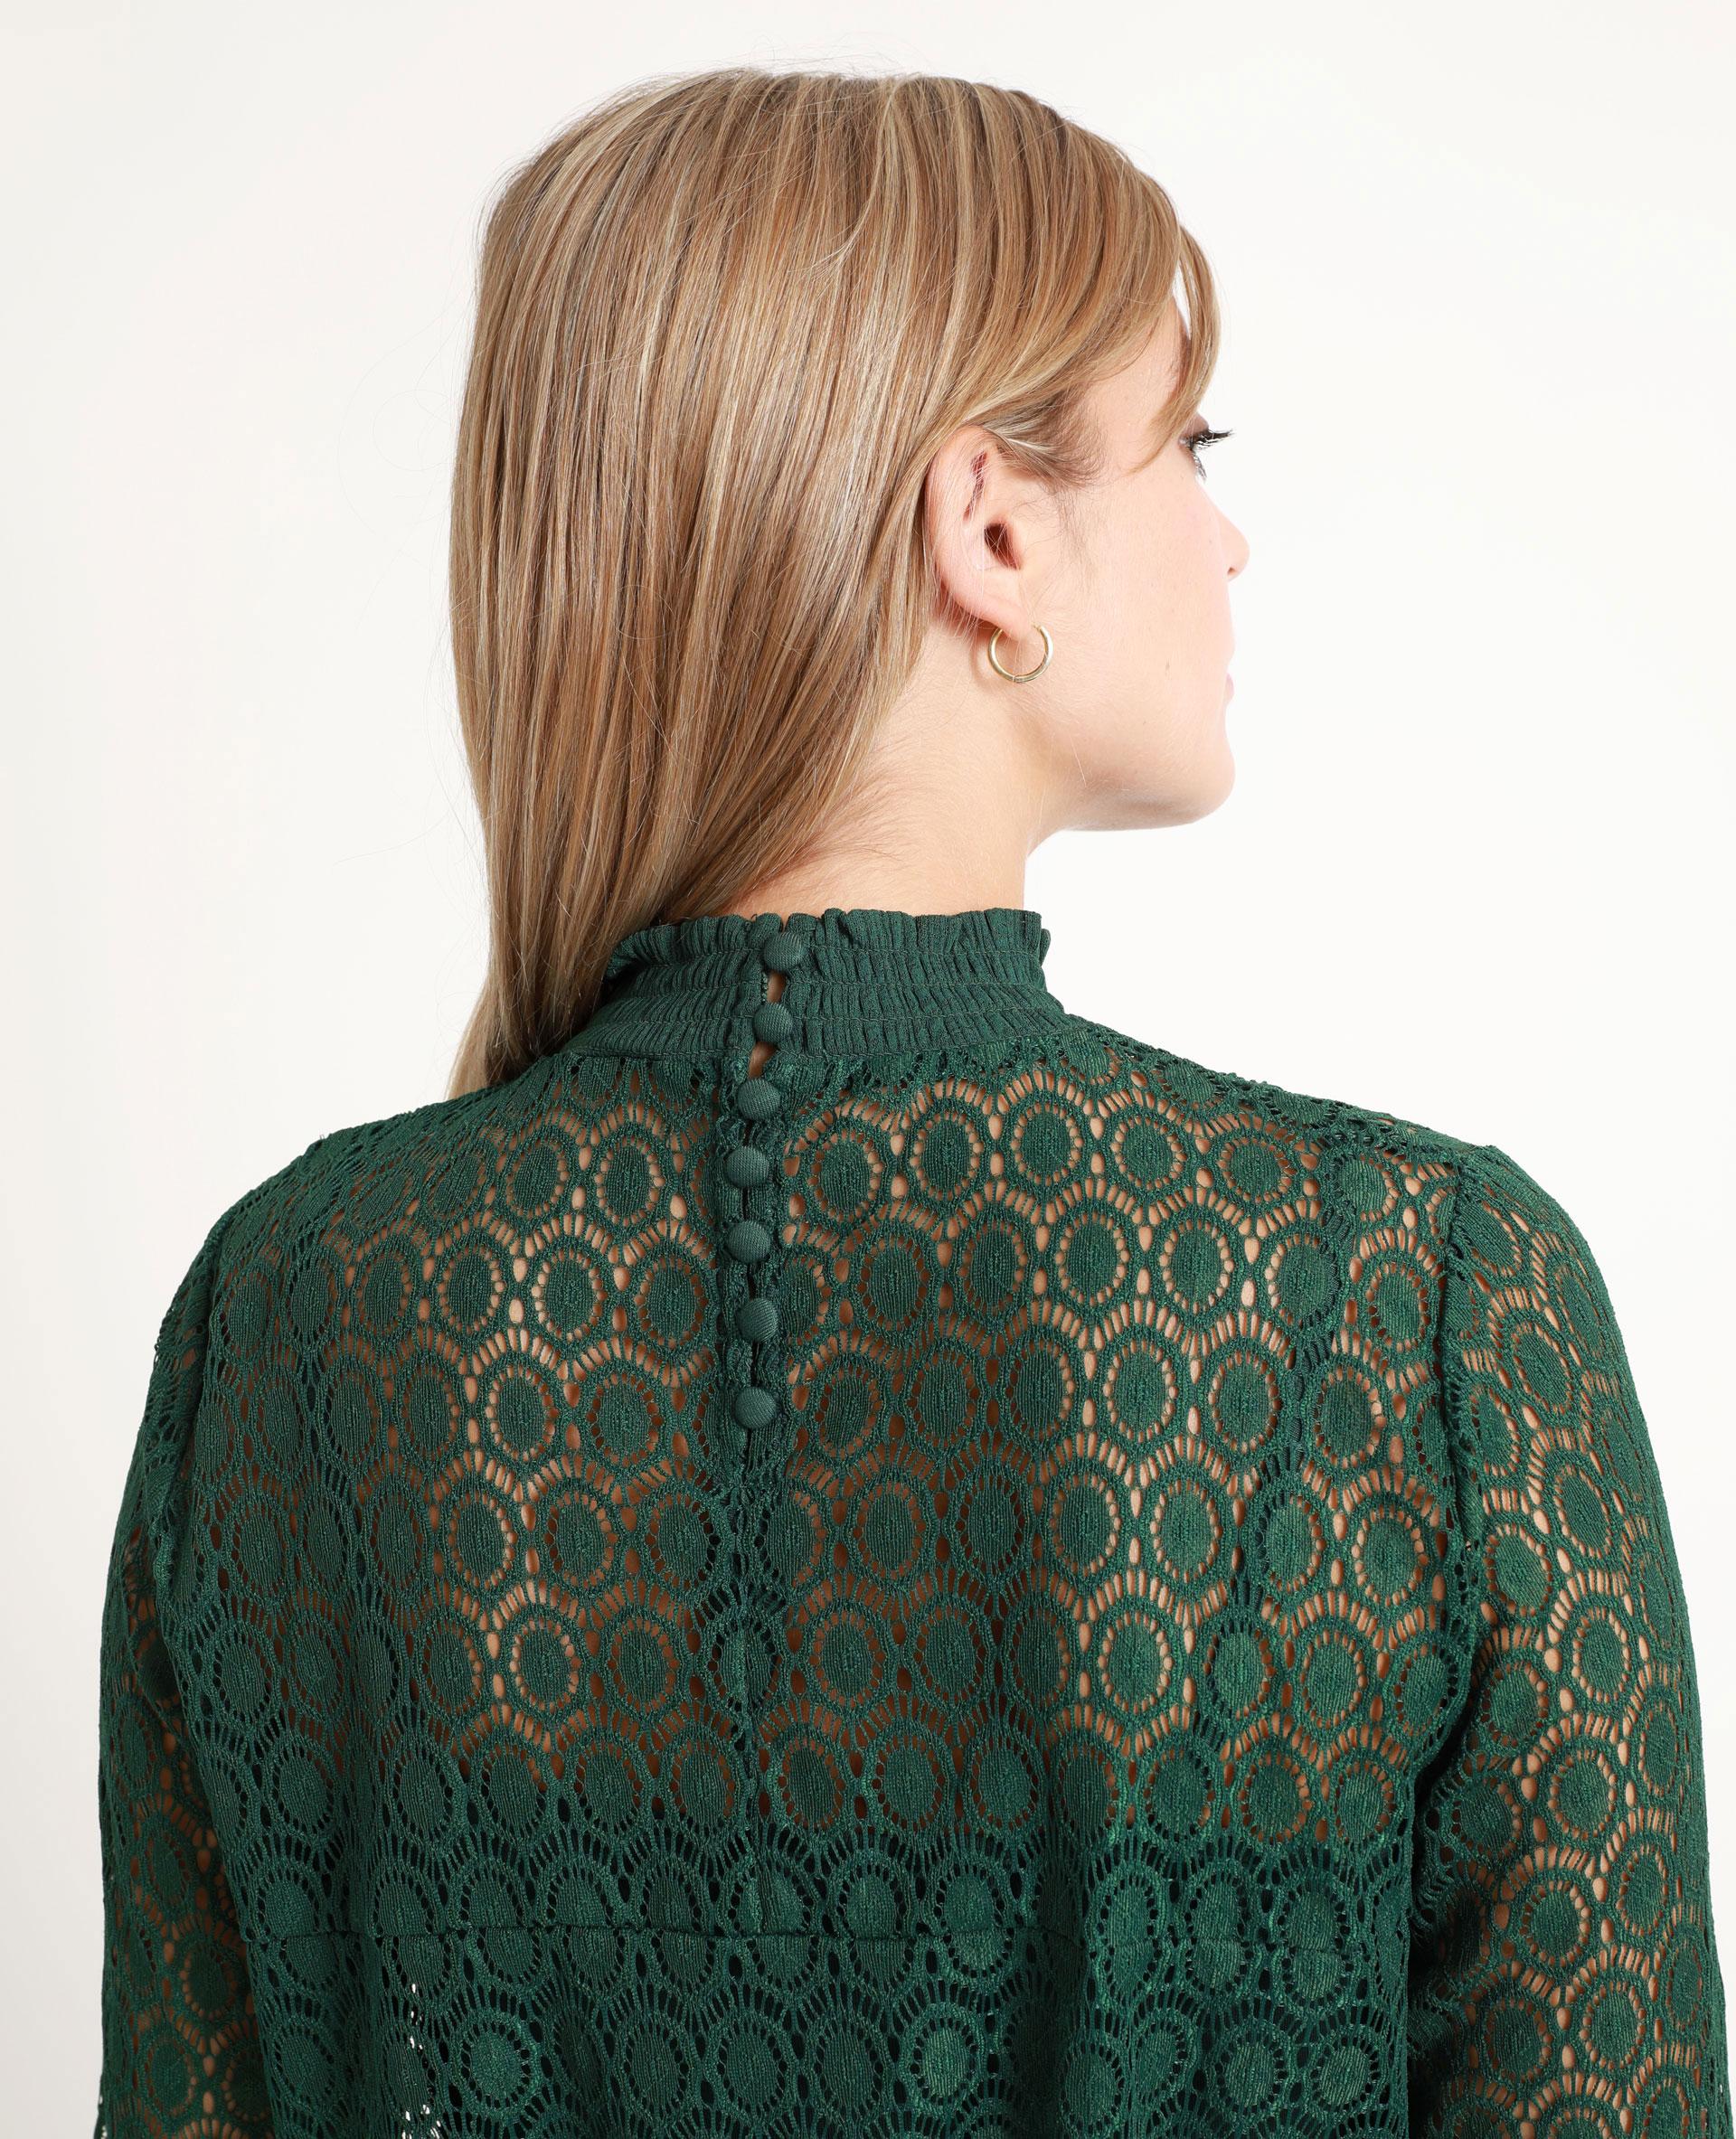 T-shirt en dentelle vert - Pimkie